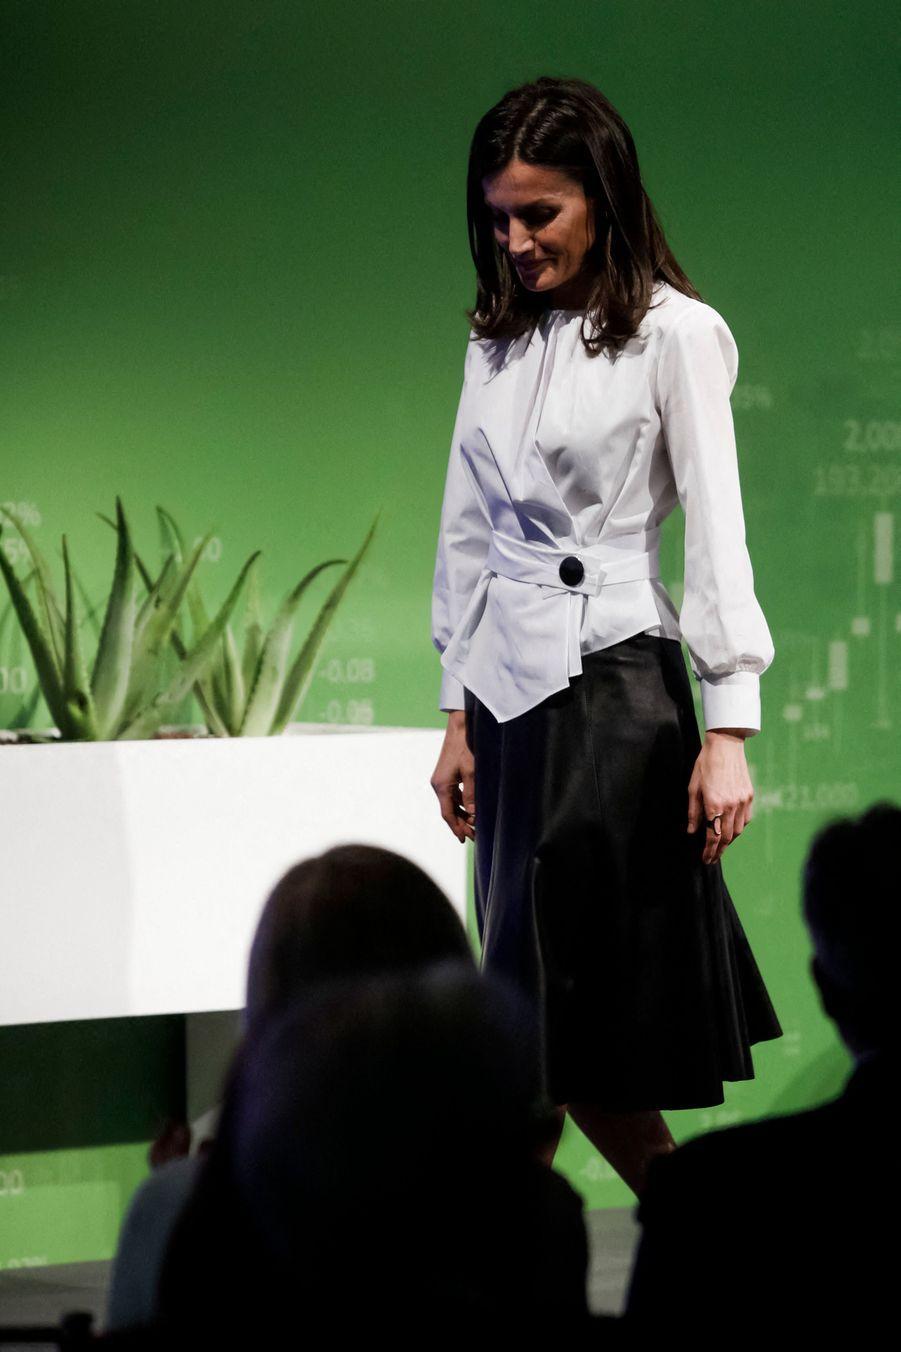 La reine Letizia d'Espagne au IXe Forum contre le cancer, le 4 février 2020 à Madrid